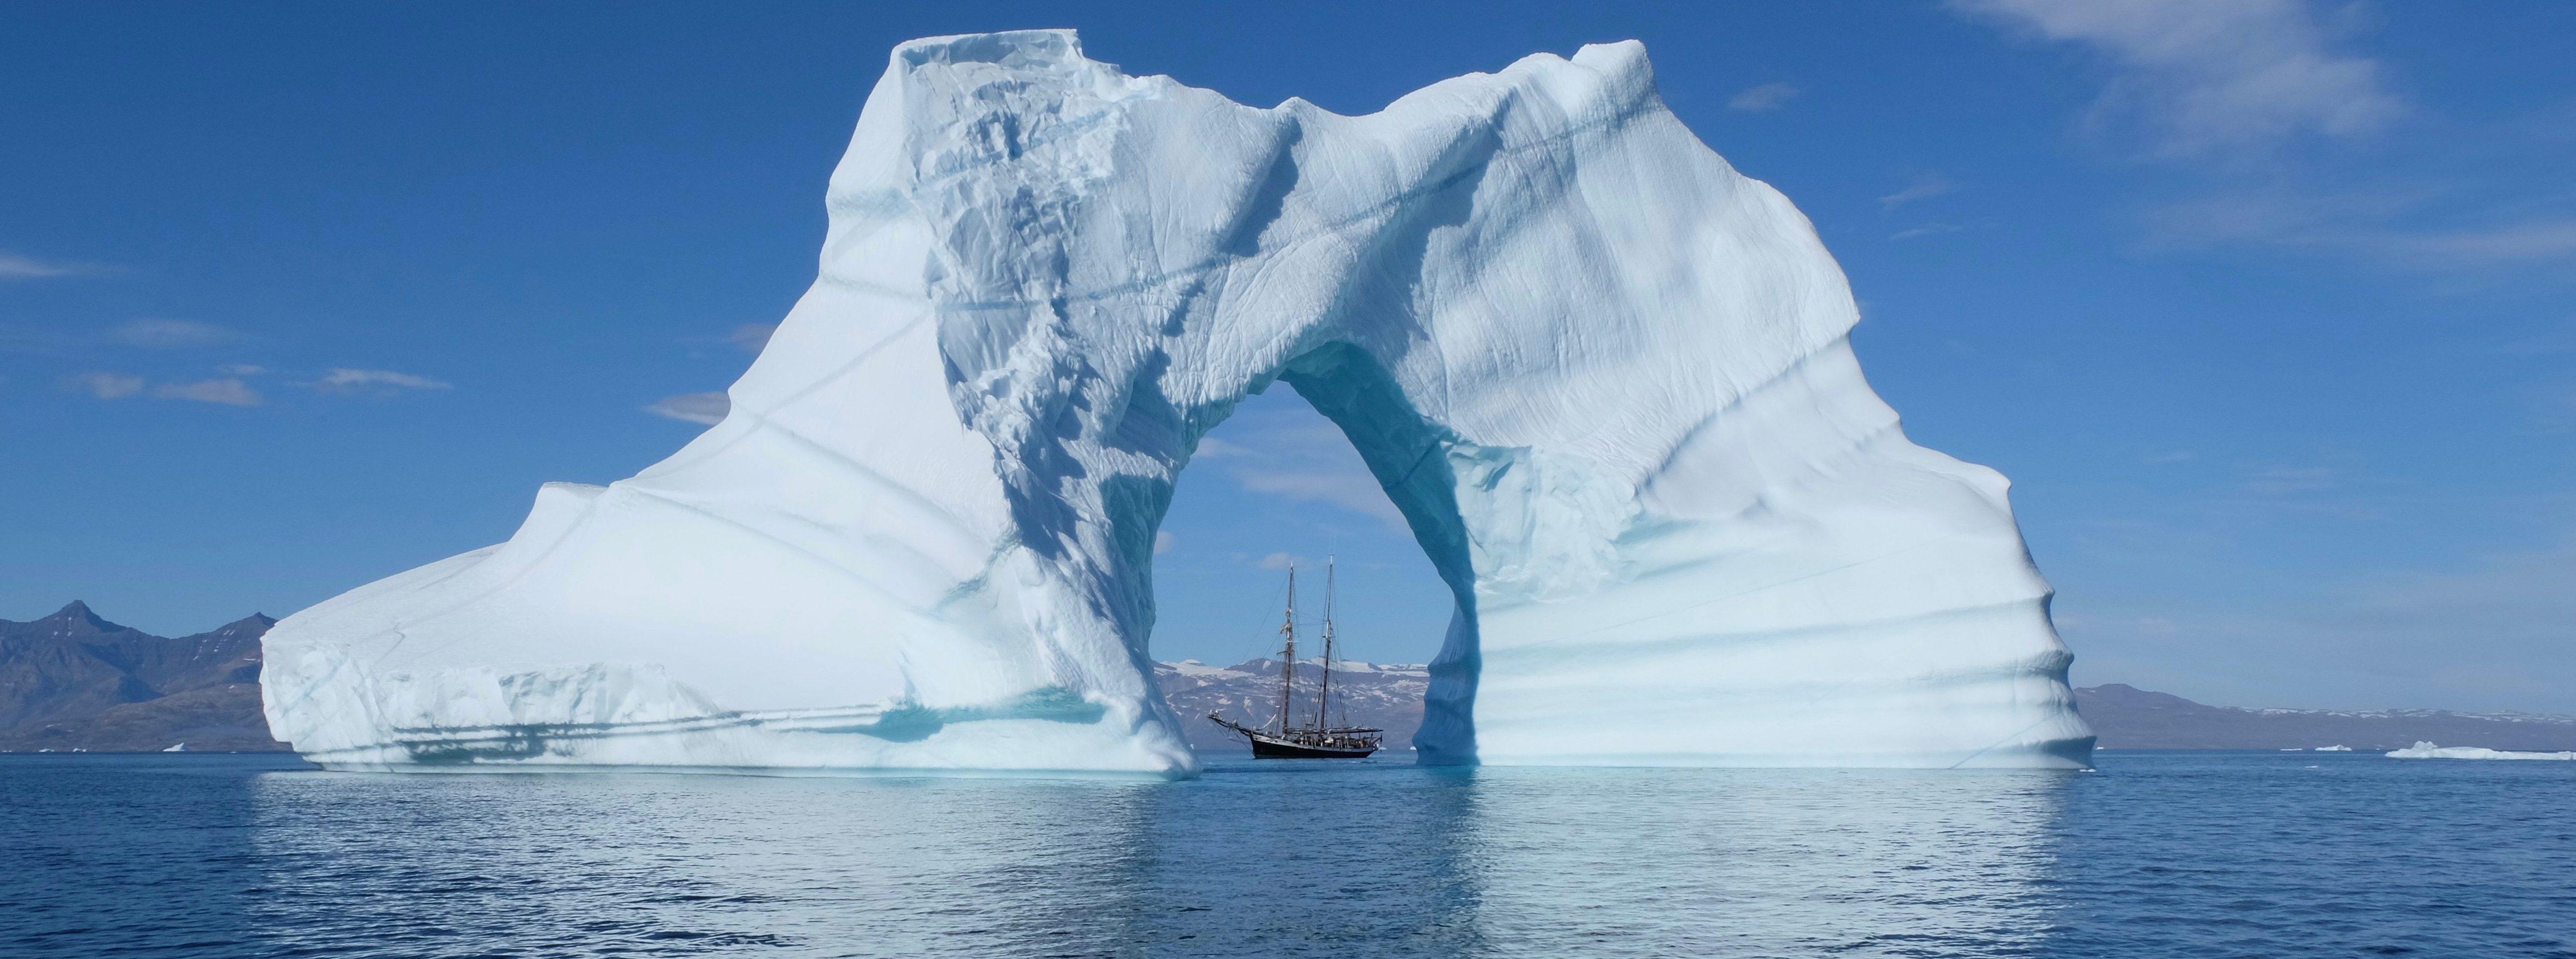 Gigantisches Eisberg-Tor - Segelschiff im Torbogen